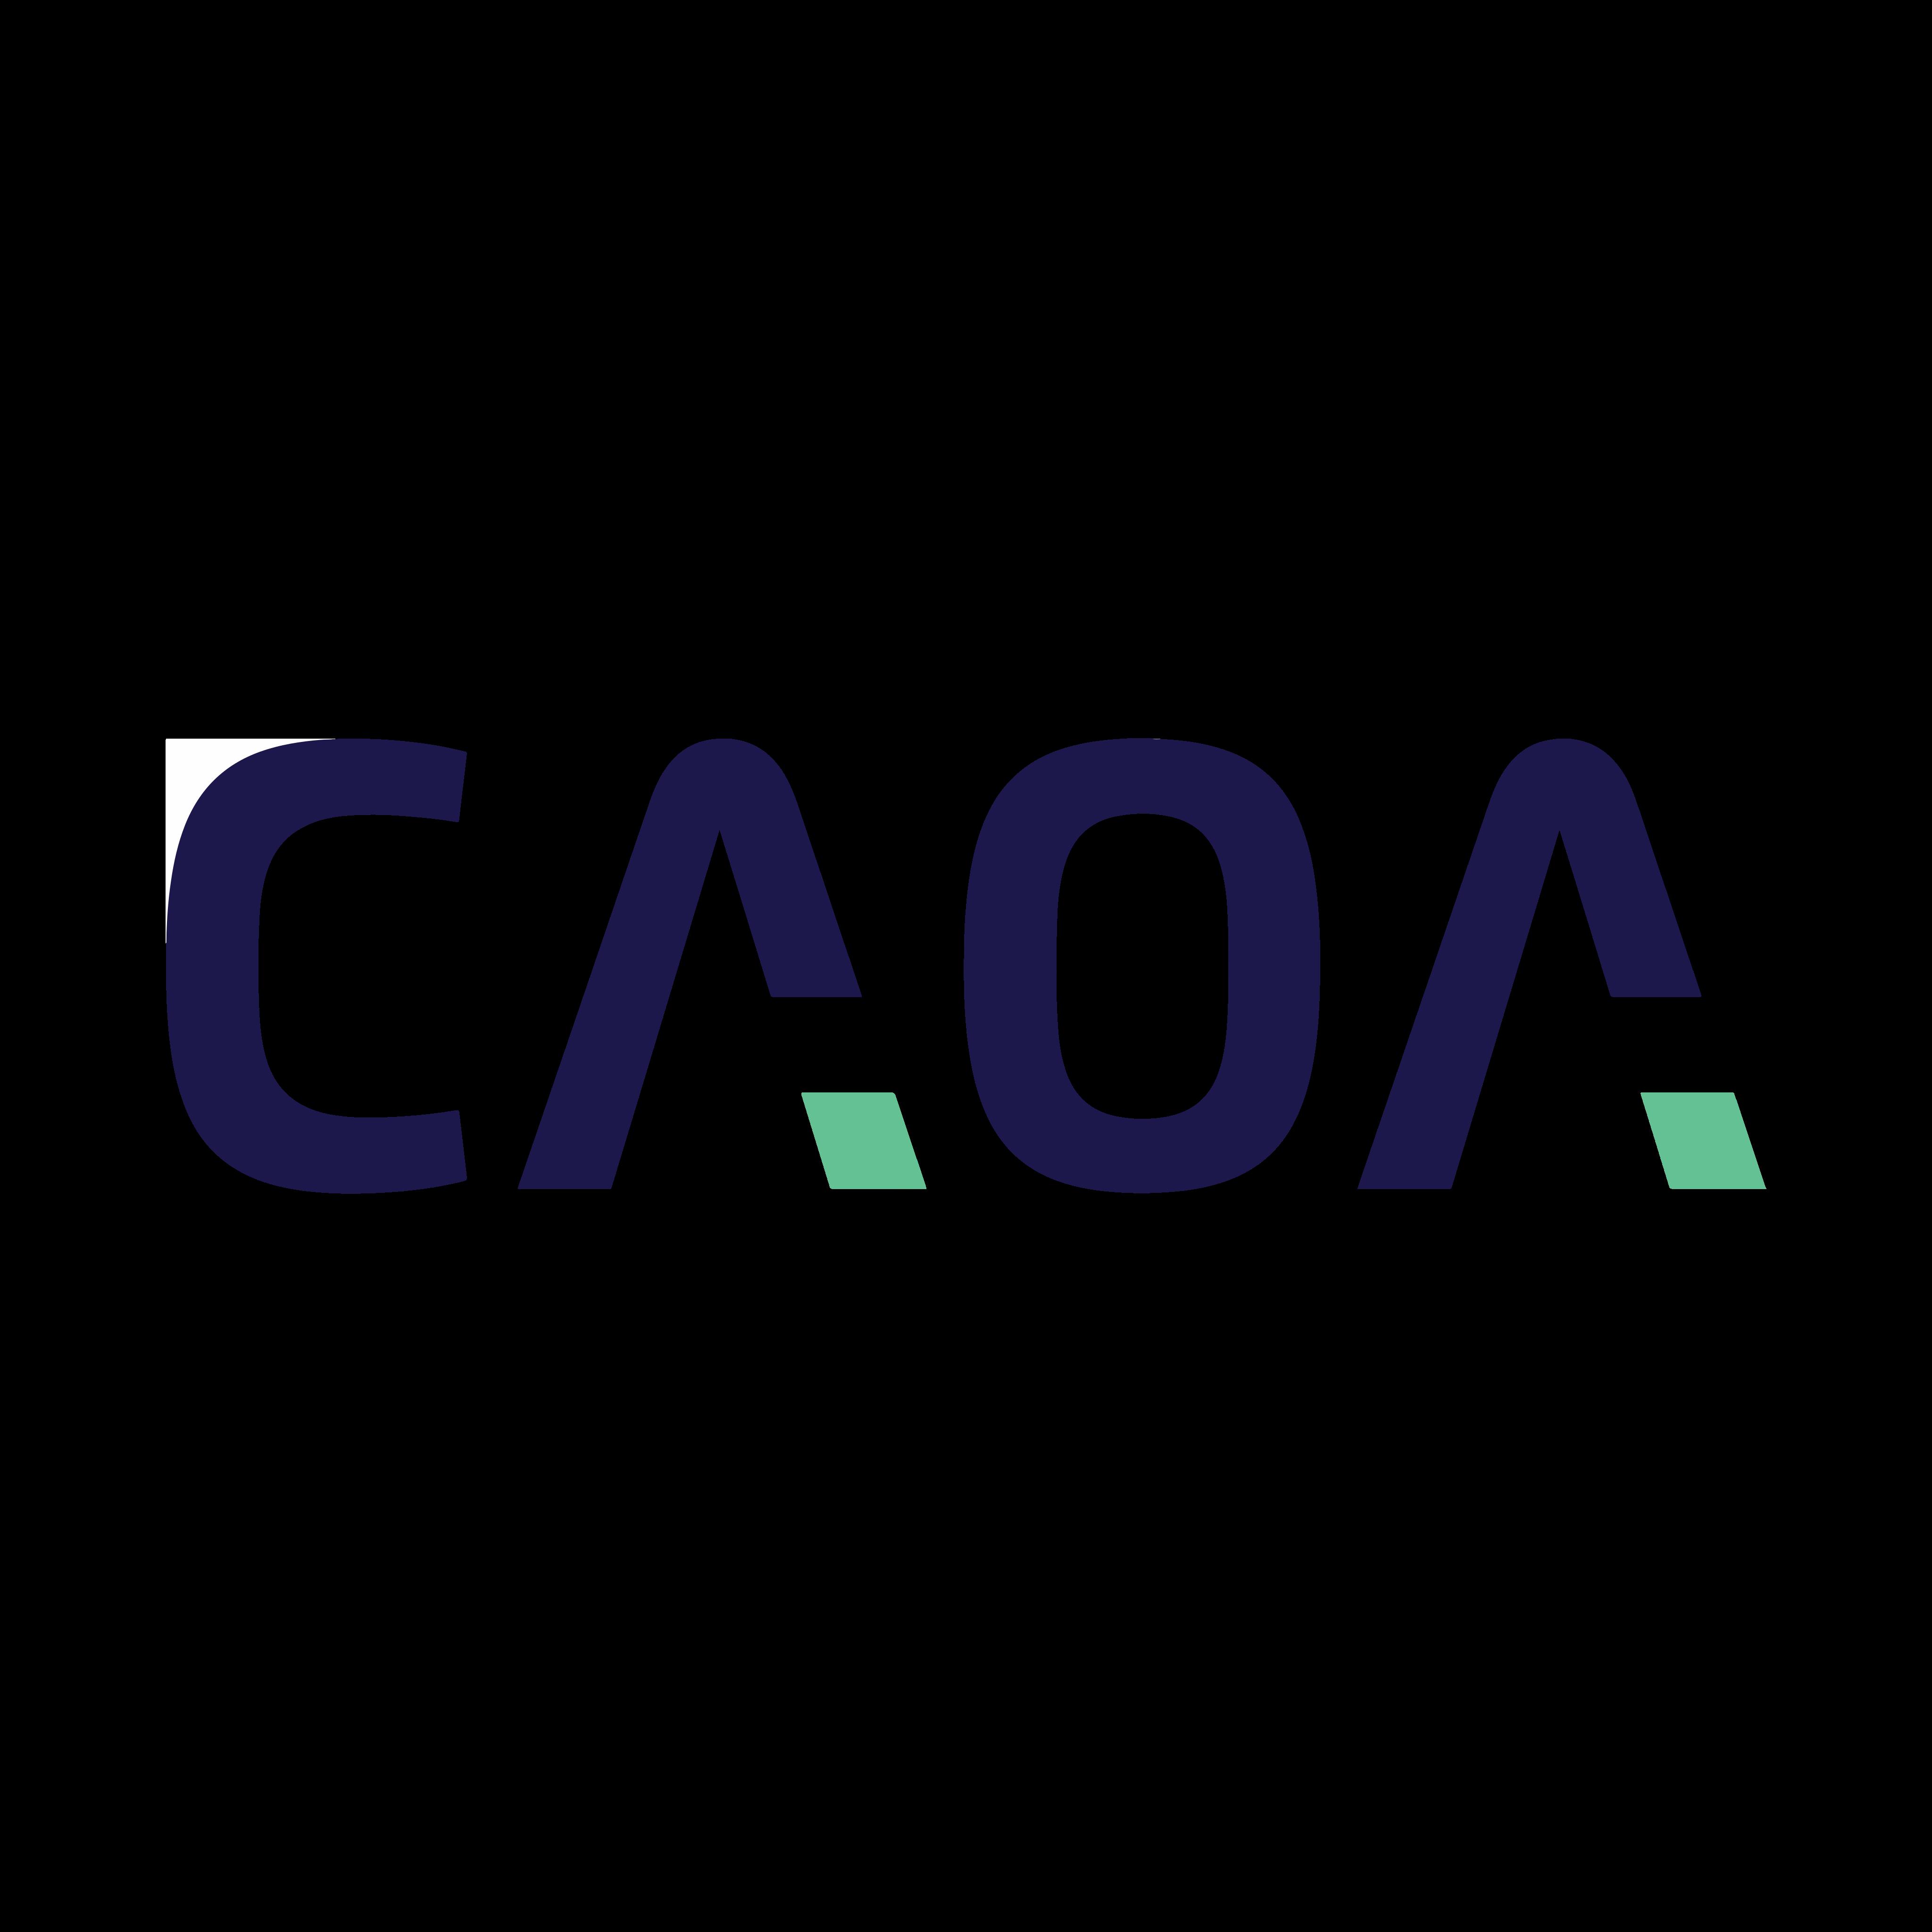 caoa logo 0 - Caoa Logo